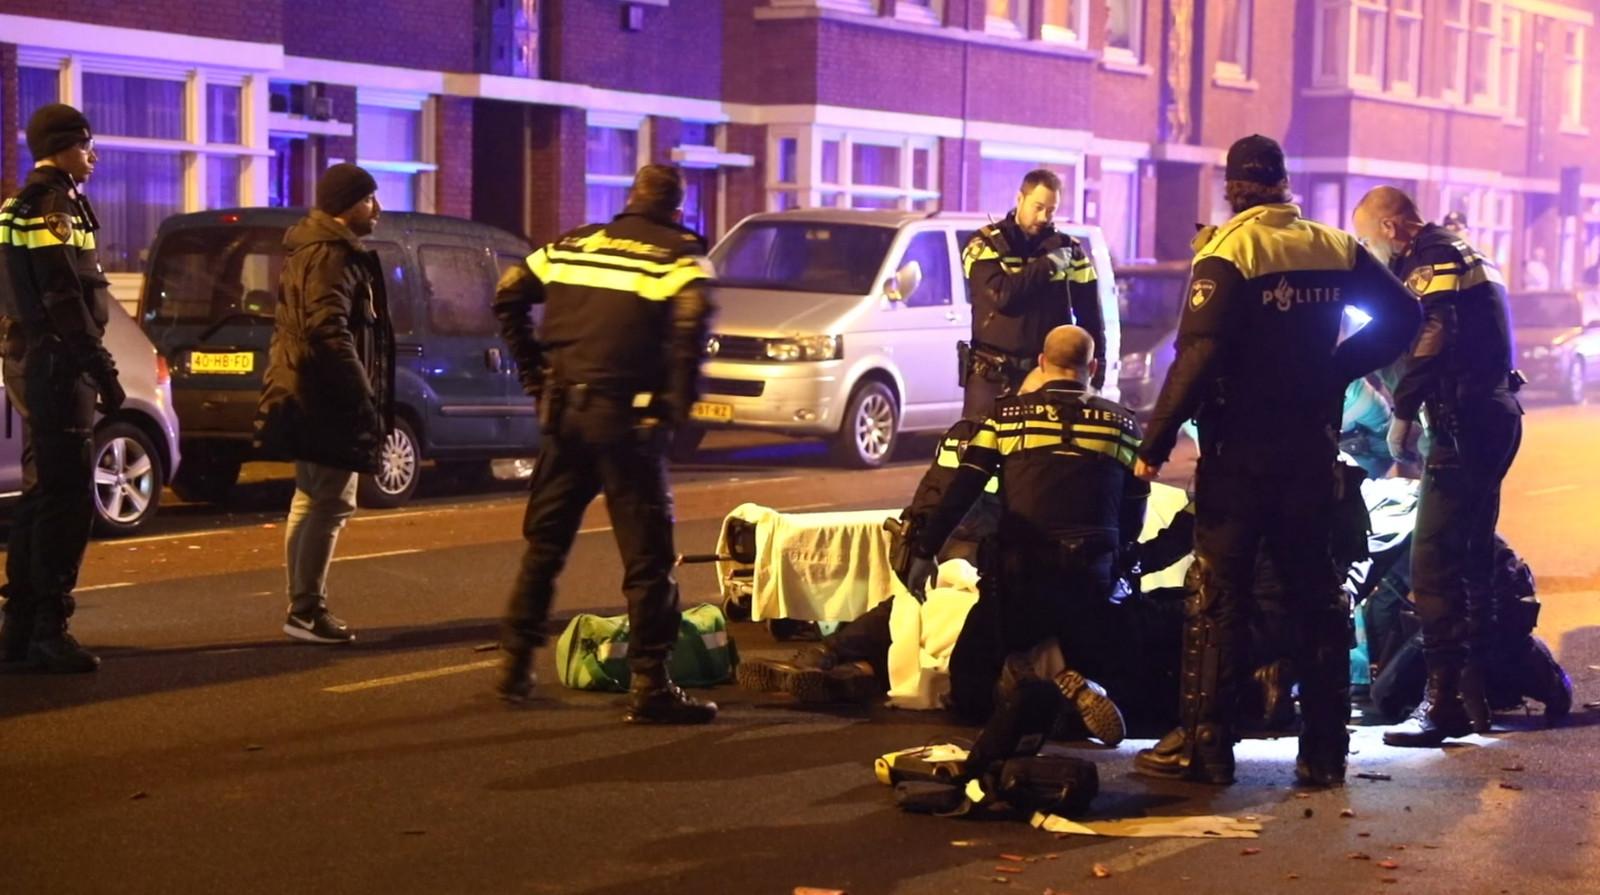 De agent die vannacht aangereden werd door een automobilist op het Kaapseplein in Den Haag ligt in kritieke toestand in het ziekenhuis.